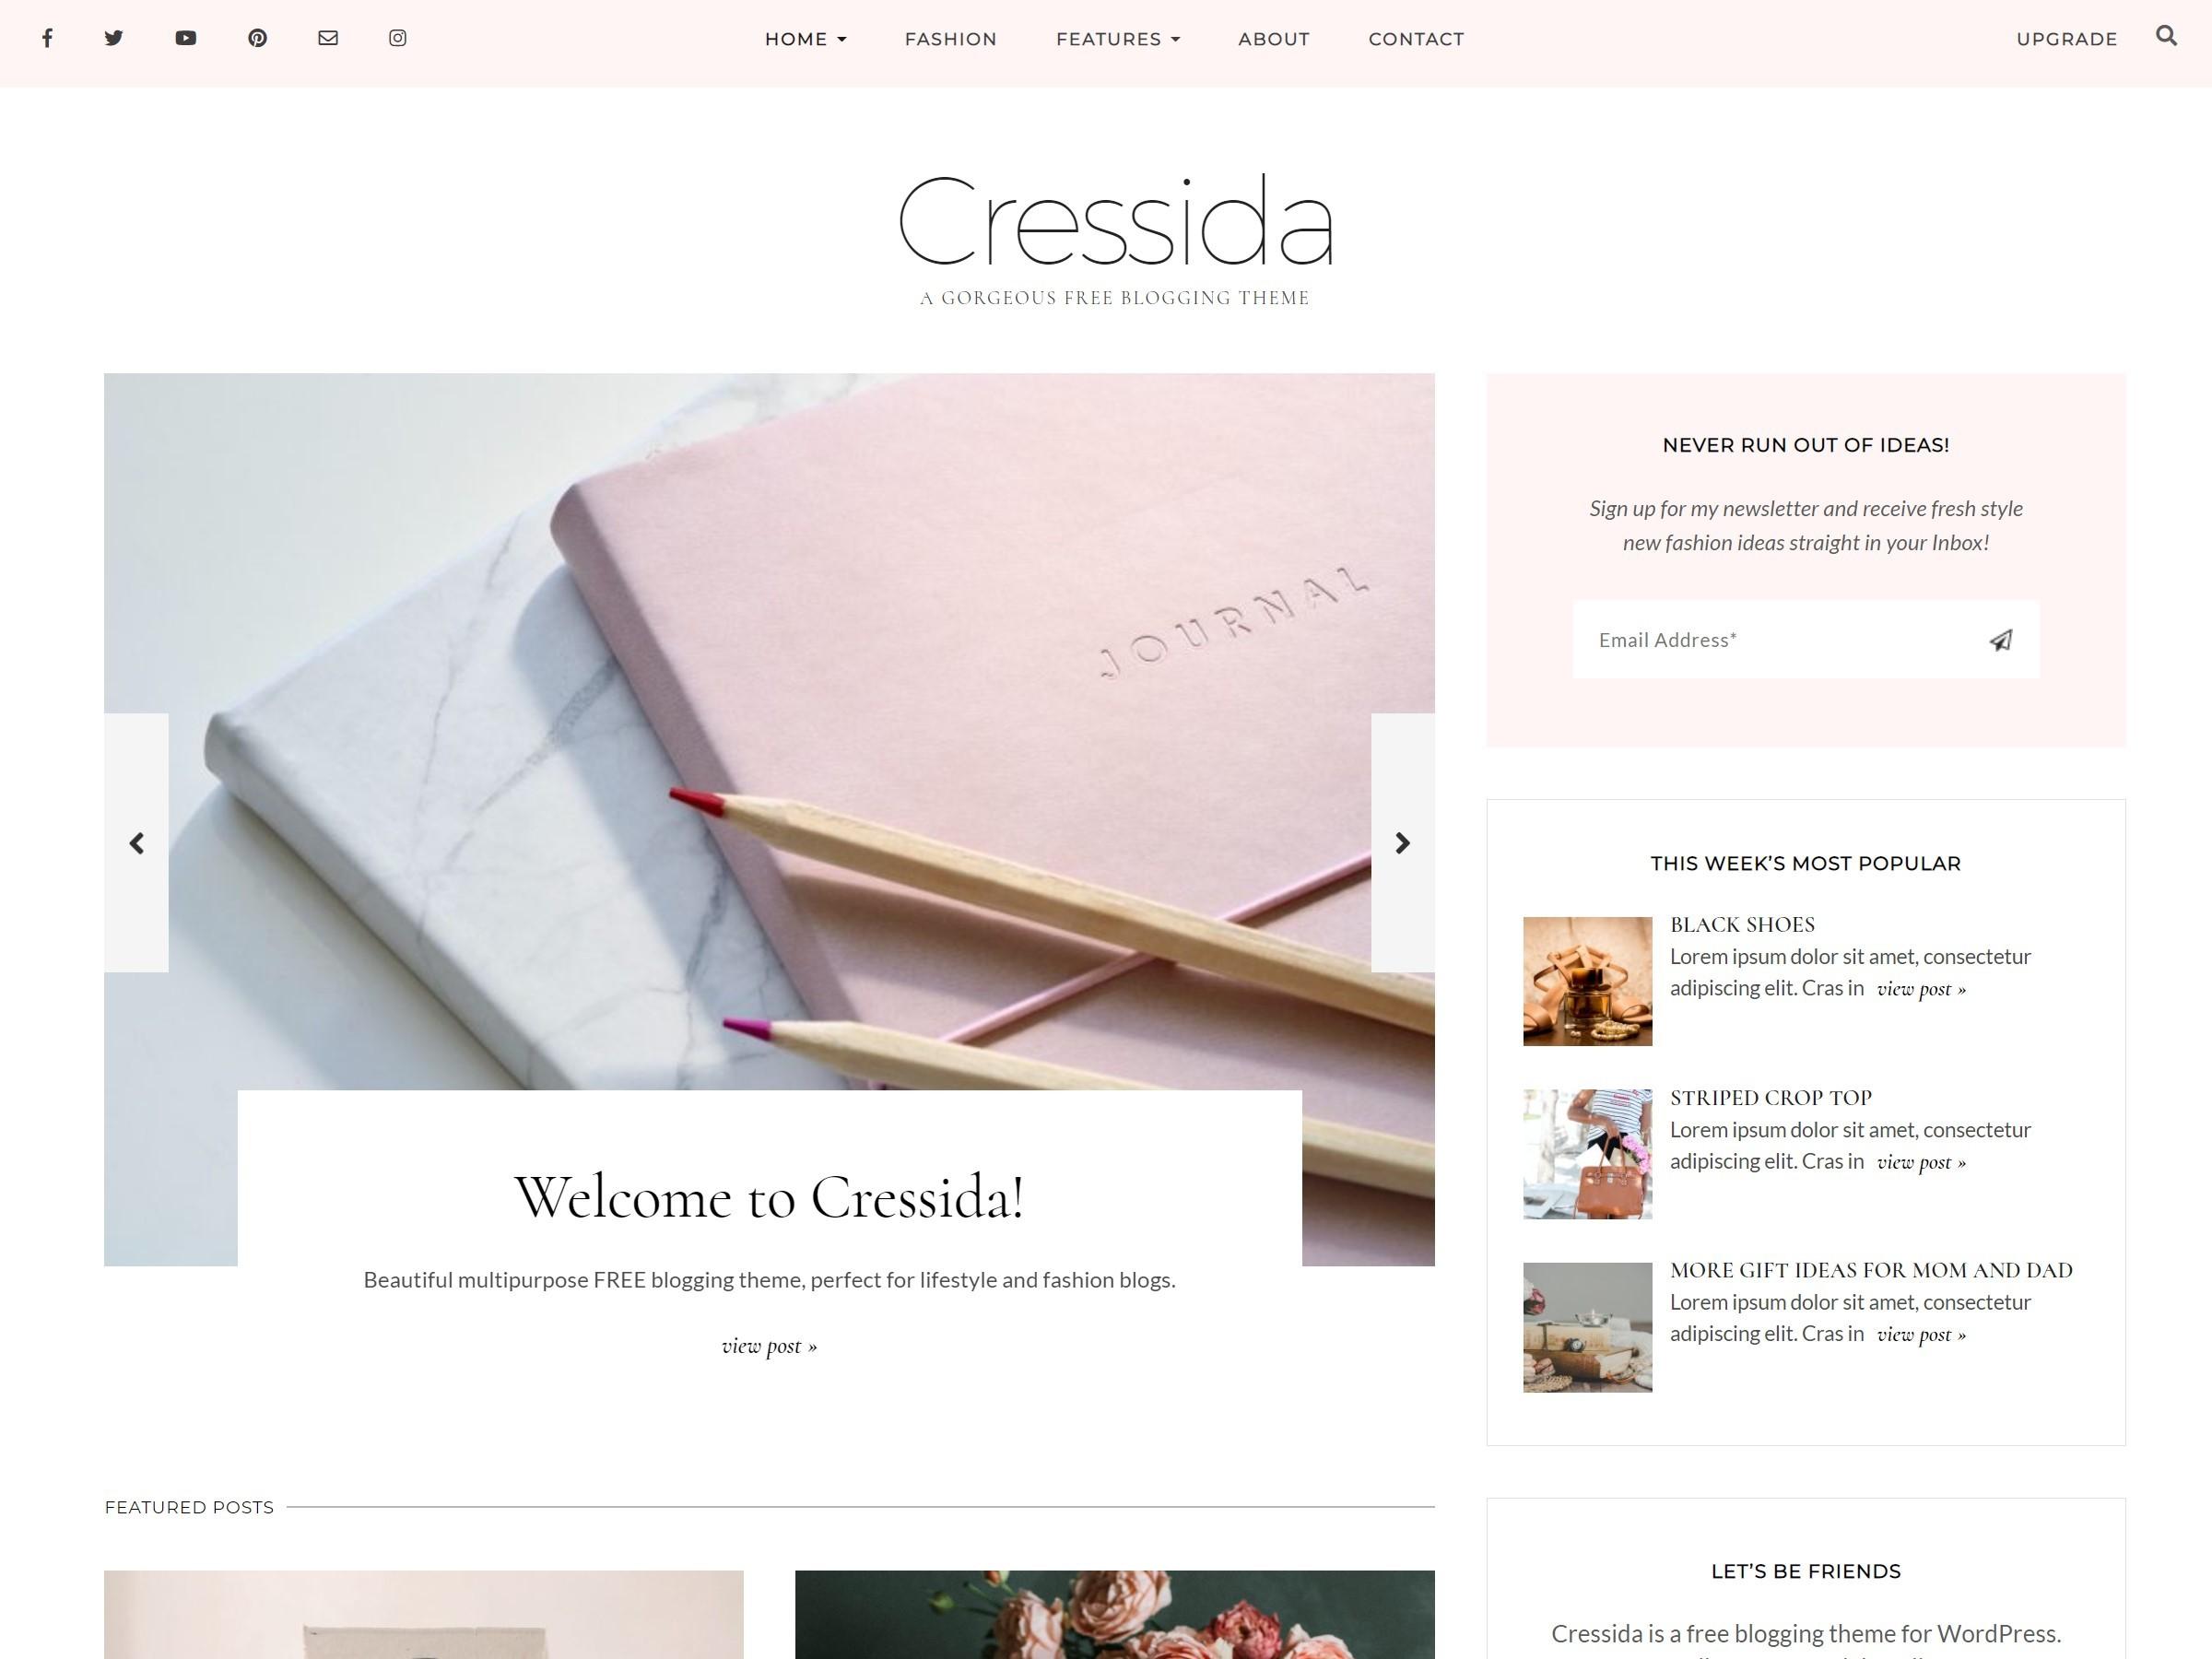 WP theme Cressida